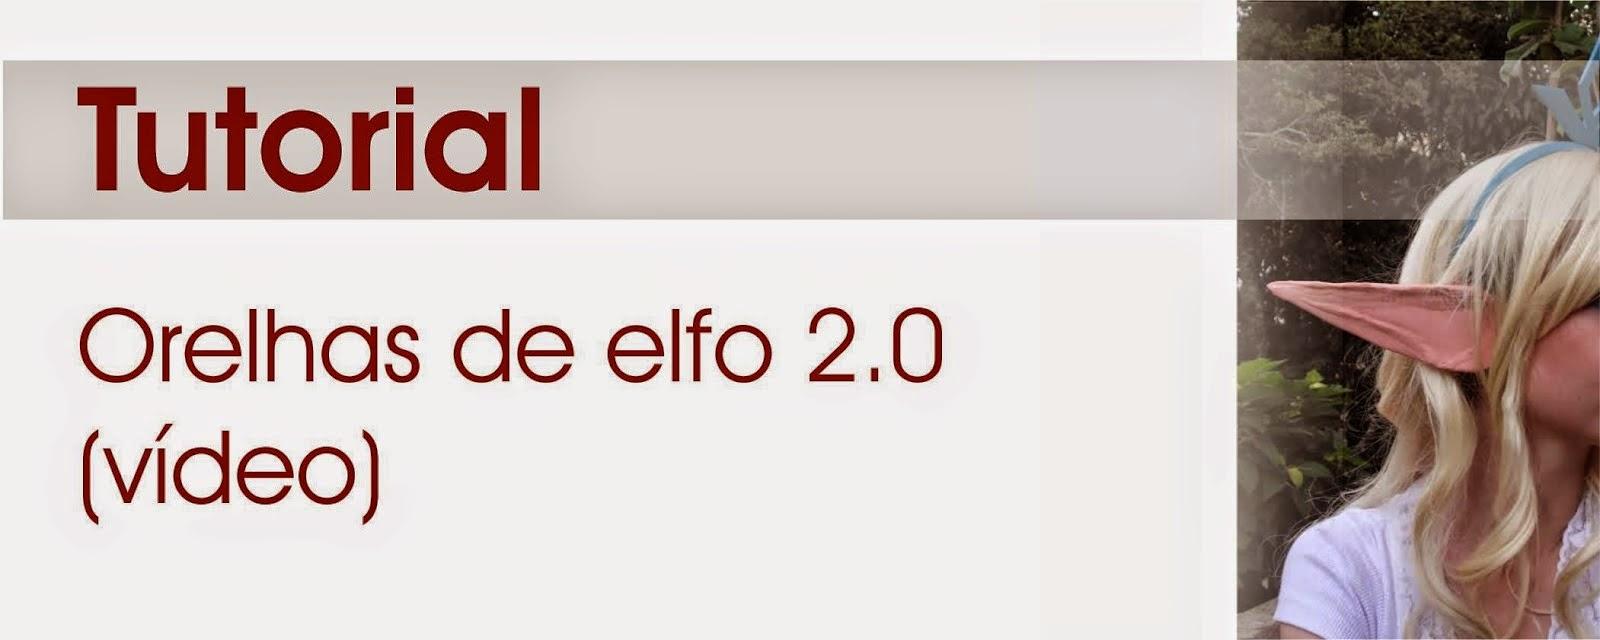 http://yuukiq.blogspot.com.br/2014/05/tutorial-orelhas-de-elfo-20.html